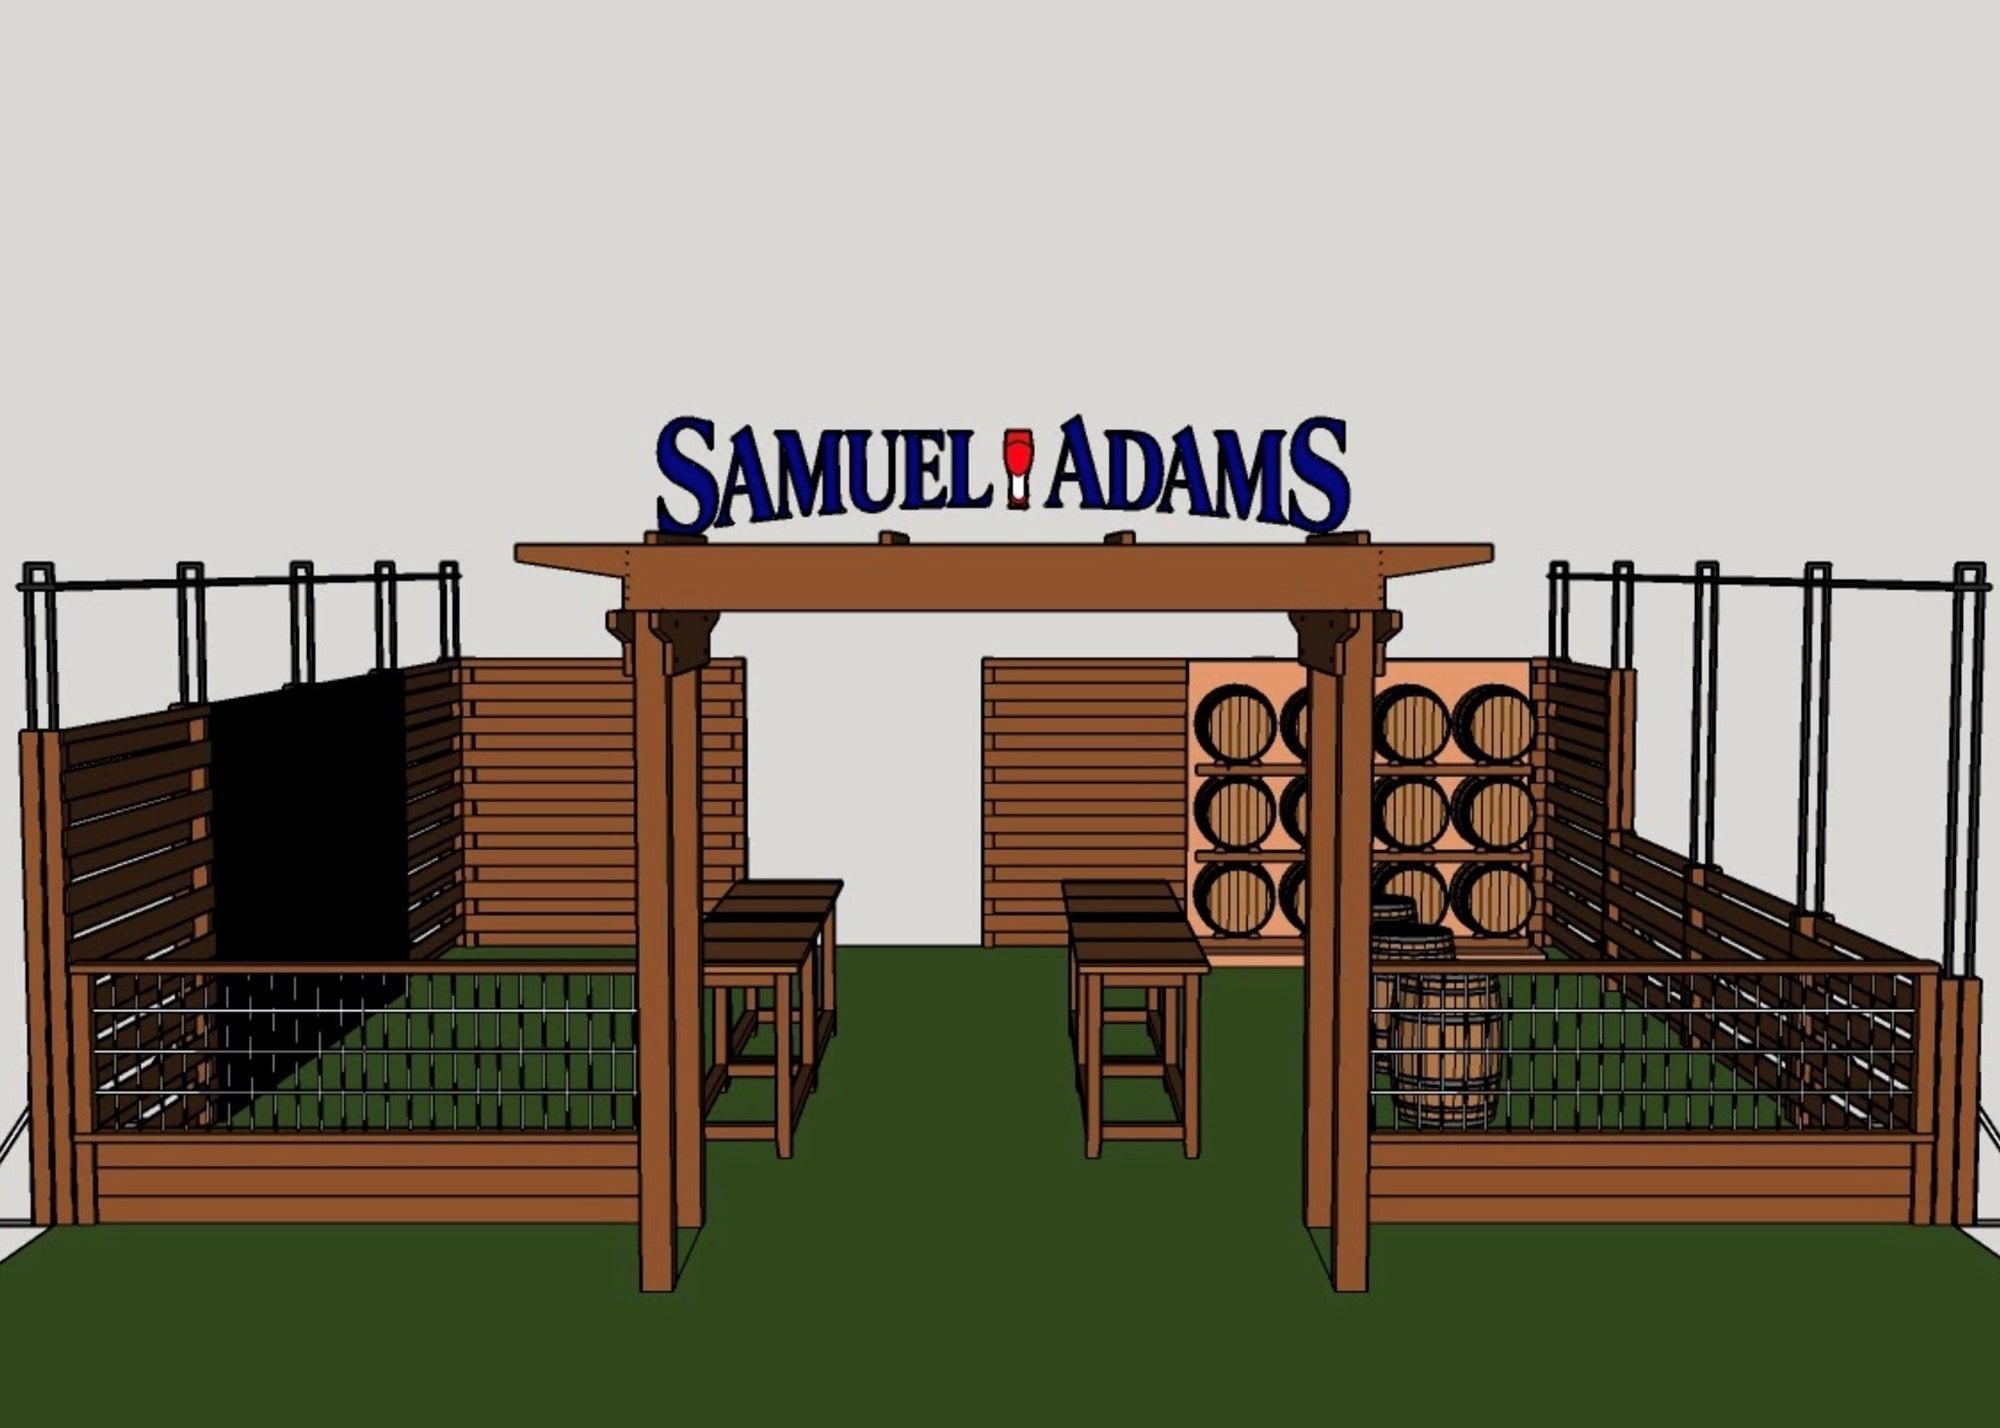 A rendering of Ned's Beer Garden by Sam Adams